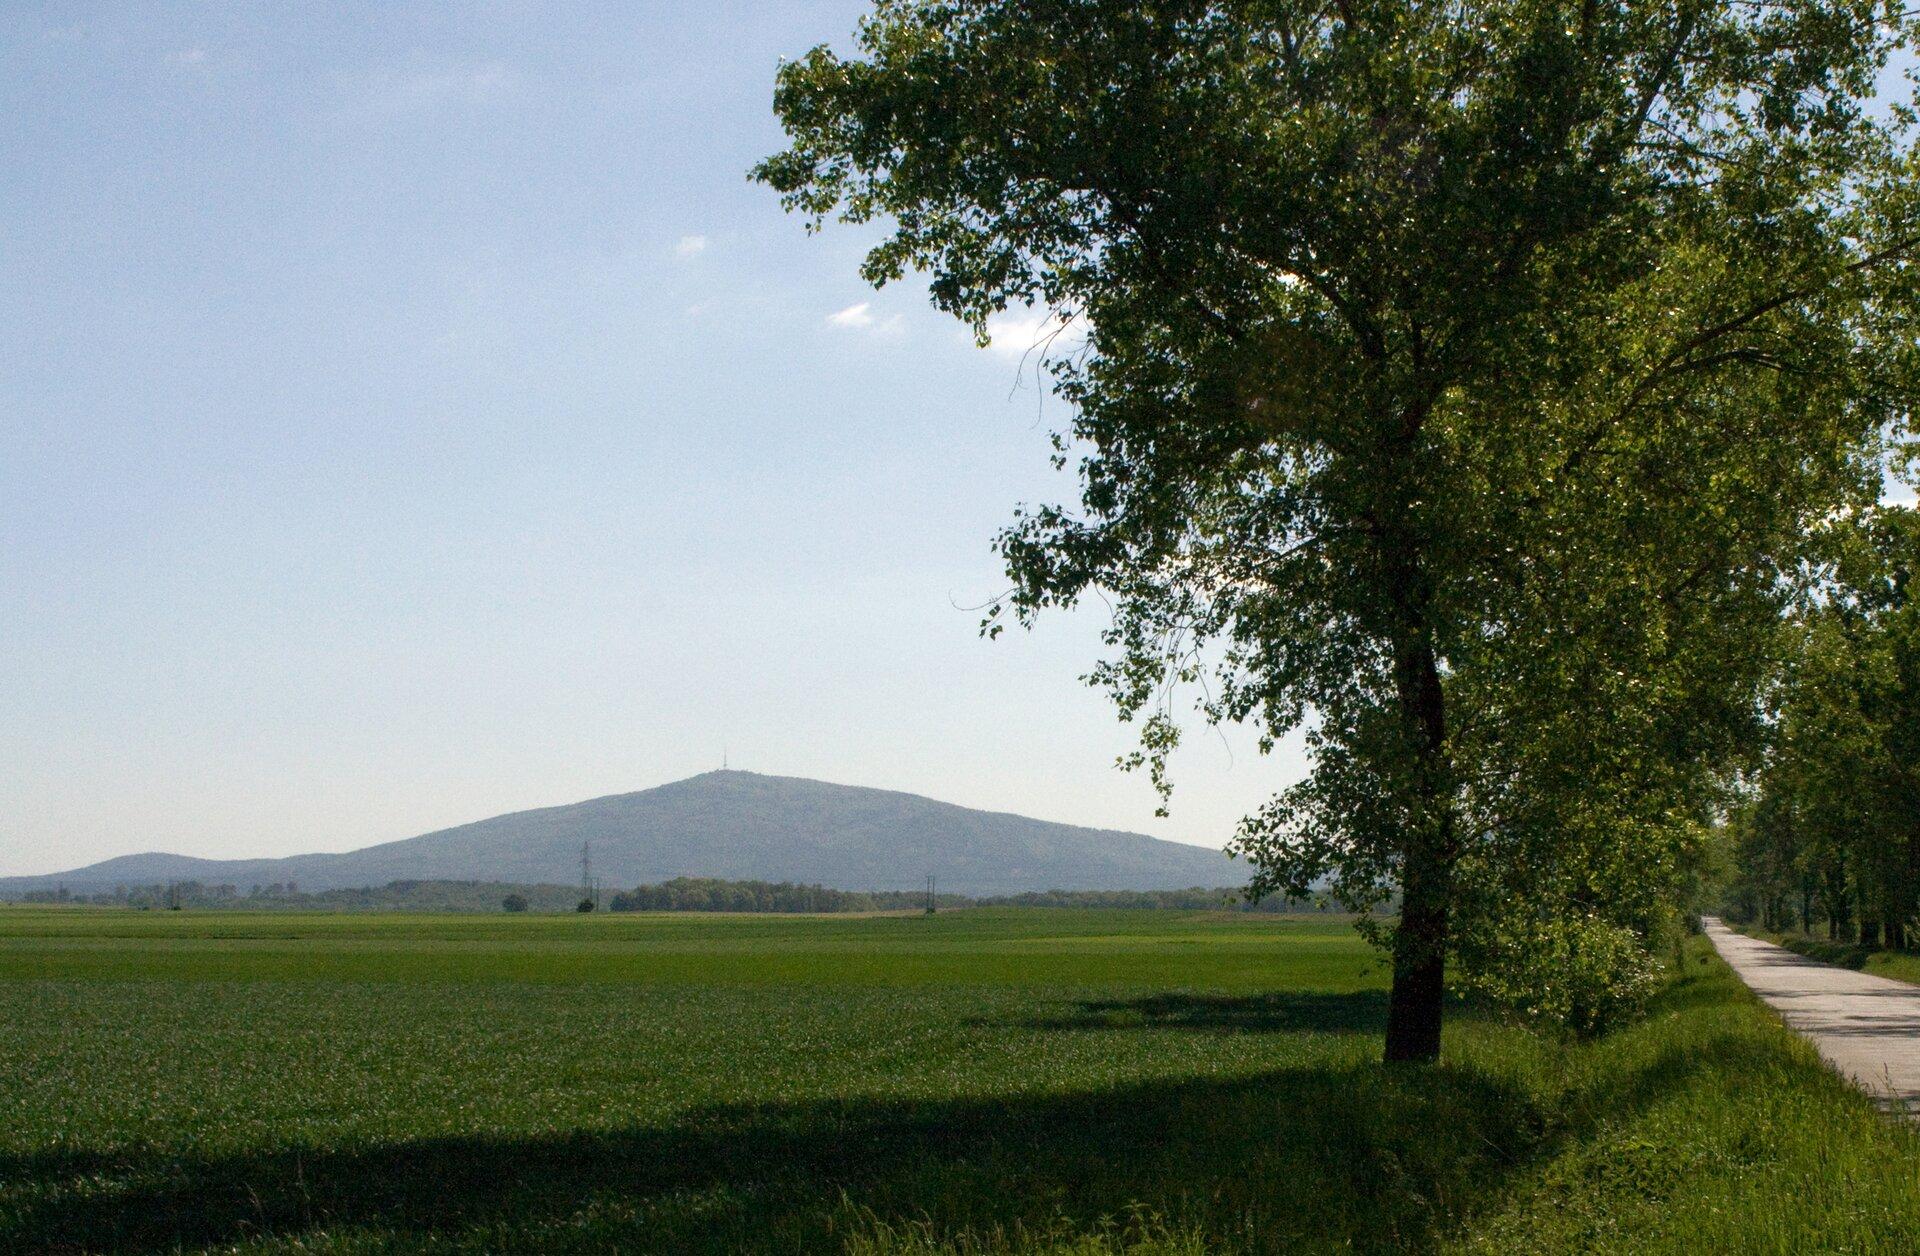 Galeria przedstawia kolejno: zdjęcie krajobrazu, gdzie na pierwszym tle widoczna jest łąka, po prawej stronie droga, wzdłuż której biegnie aleja drzew. Woddali widoczne dwa wzniesienia, wysoka góra iznacznie niższe wzgórze lub pagórek.